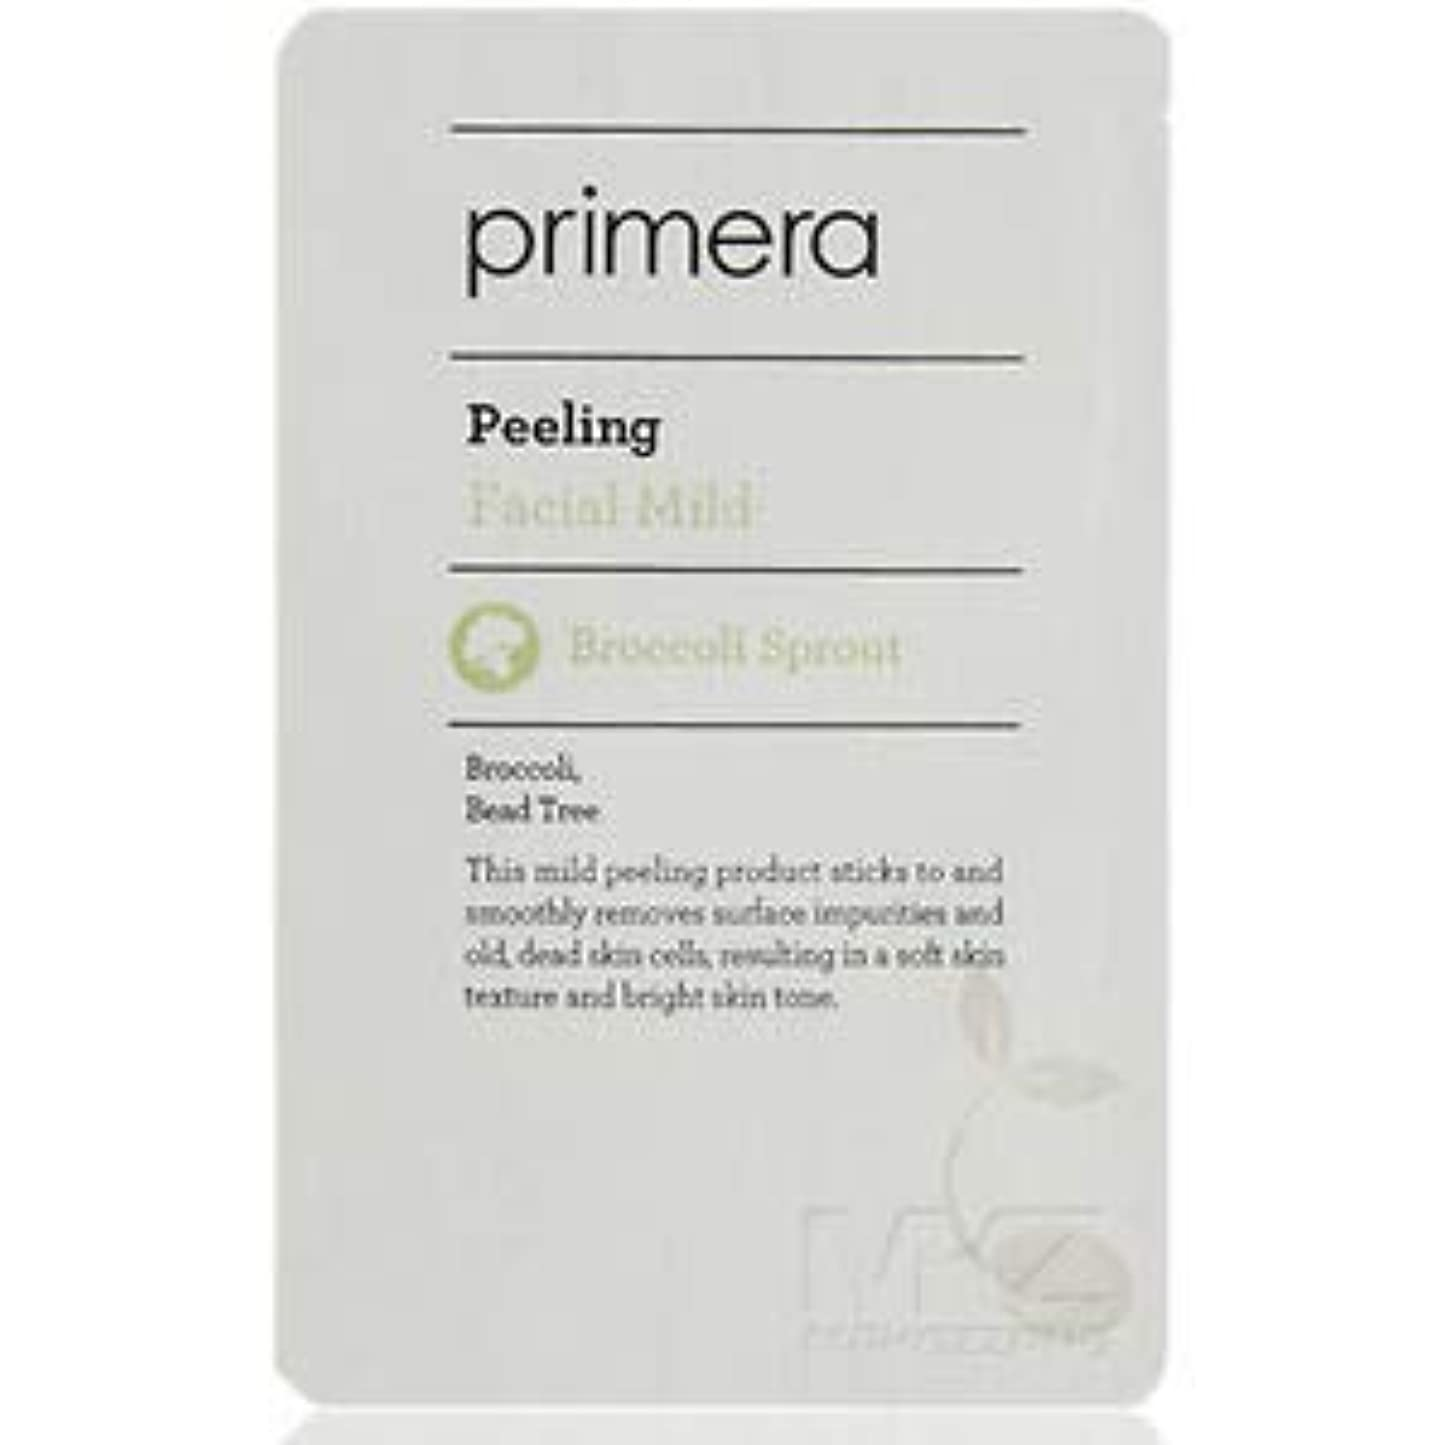 祈るマンハッタン地上でPrimera facial mild peeling sample20EA [並行輸入品]